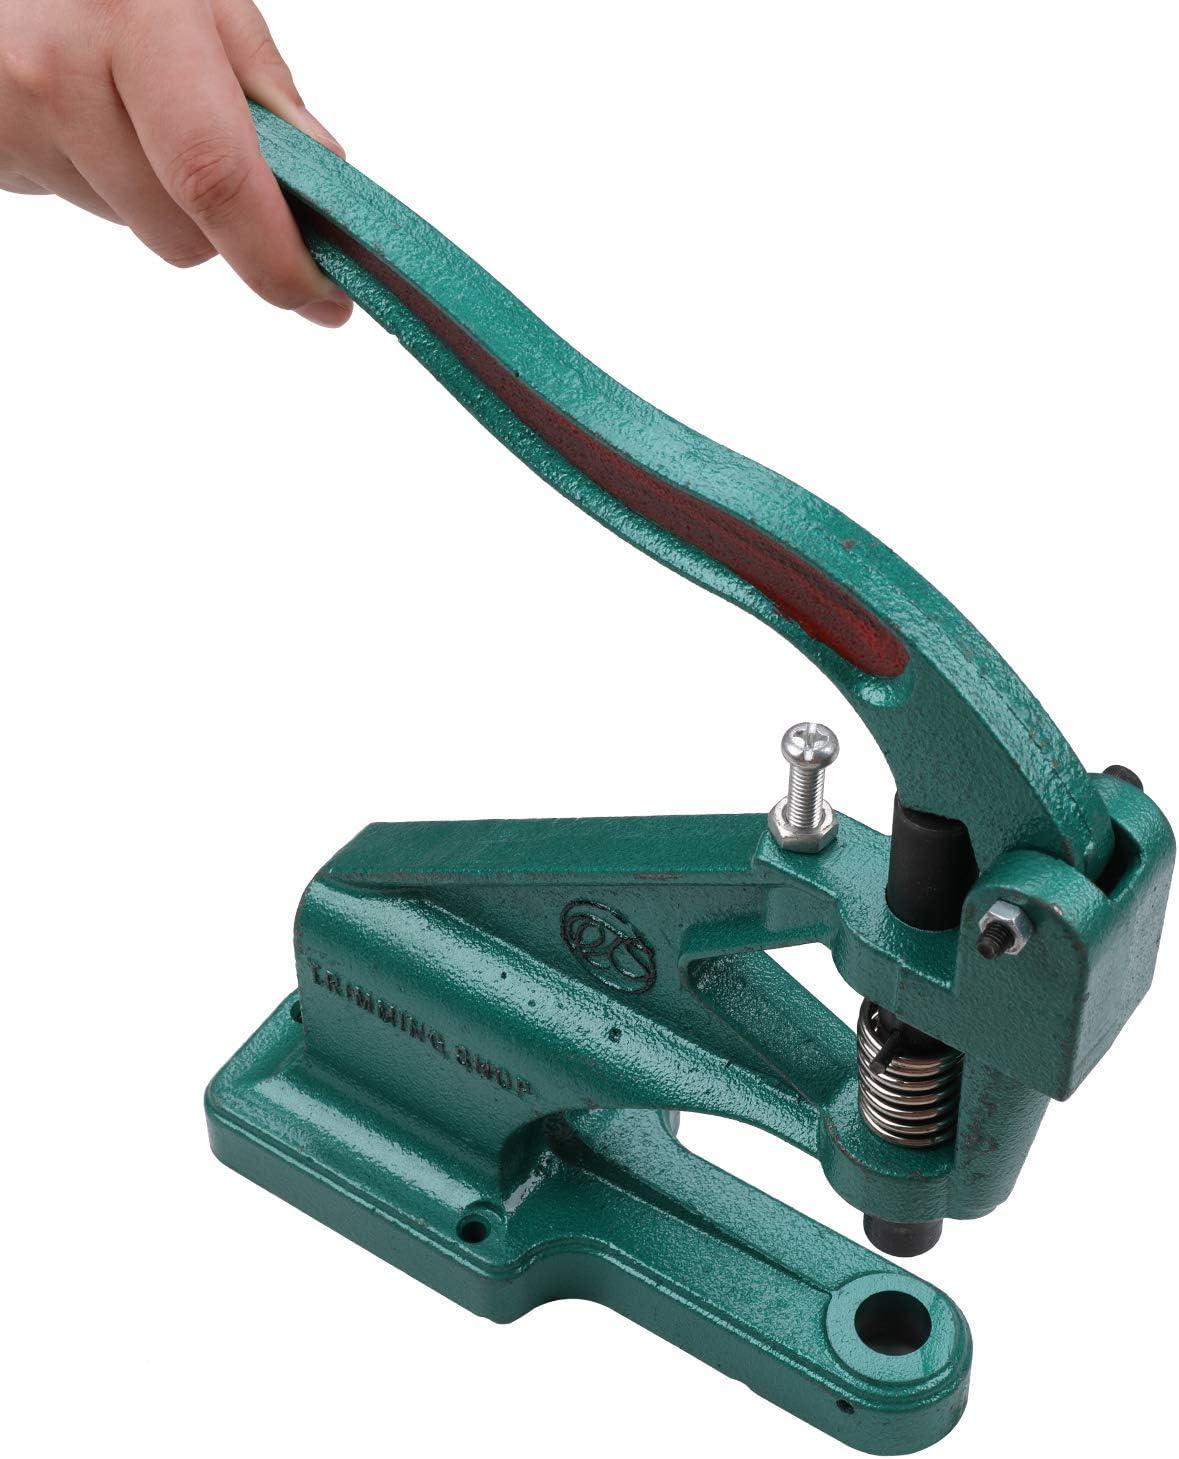 Tela Artes y Manualidades Trabajo 5mm Negro Trimming Shop 4mm Agujero Cortador Golpeador Set Plantillas Herramienta para Universal Prensa de Mano Verde M/áquina para Cuero